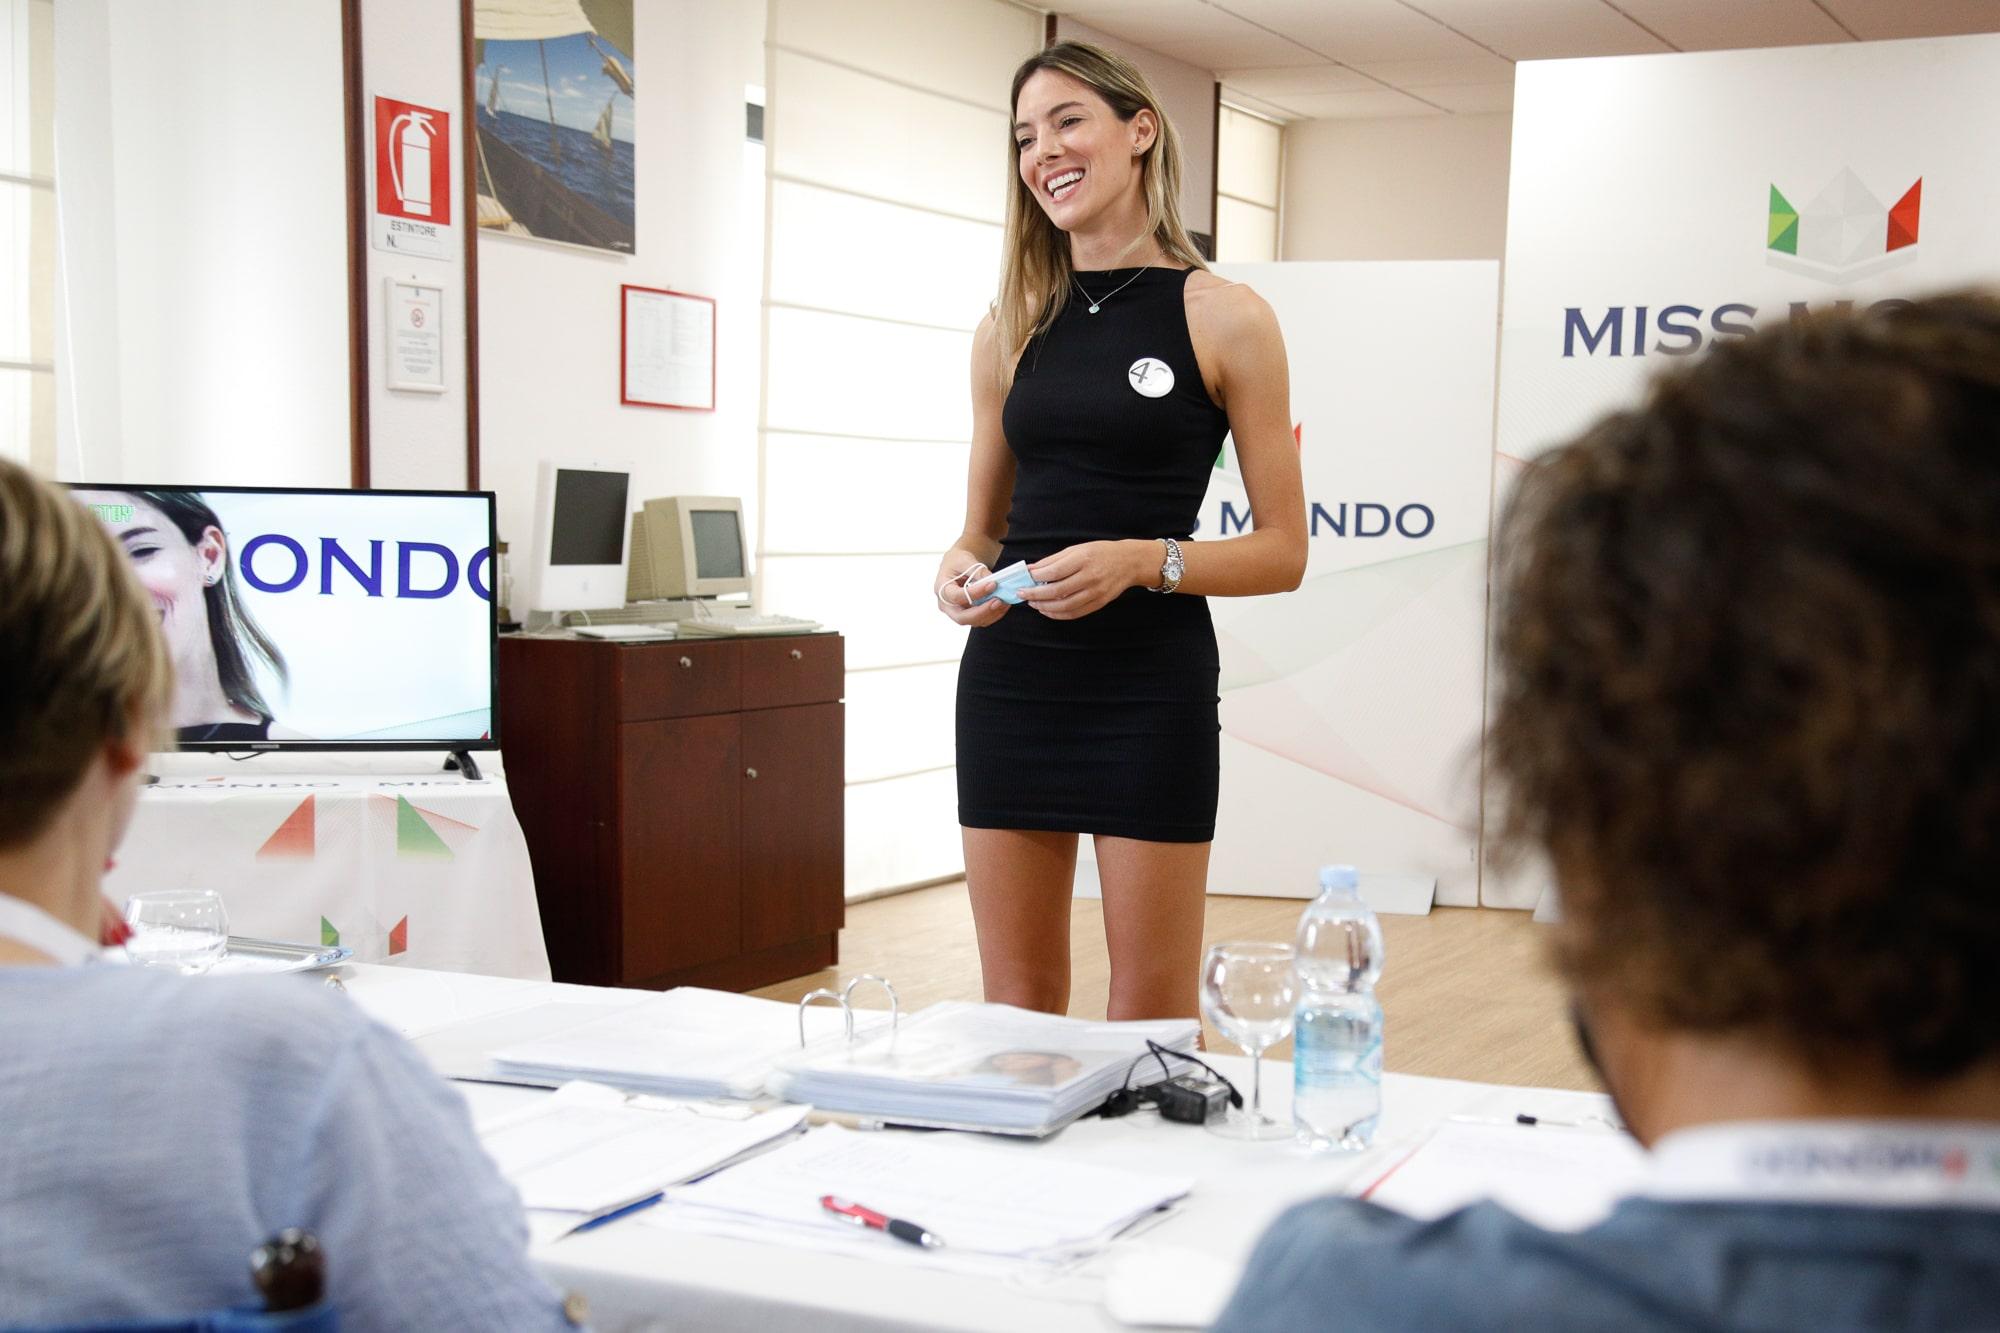 Secondo passaggio giuria per le ragazze di Missmondo Italia 2021 - 17